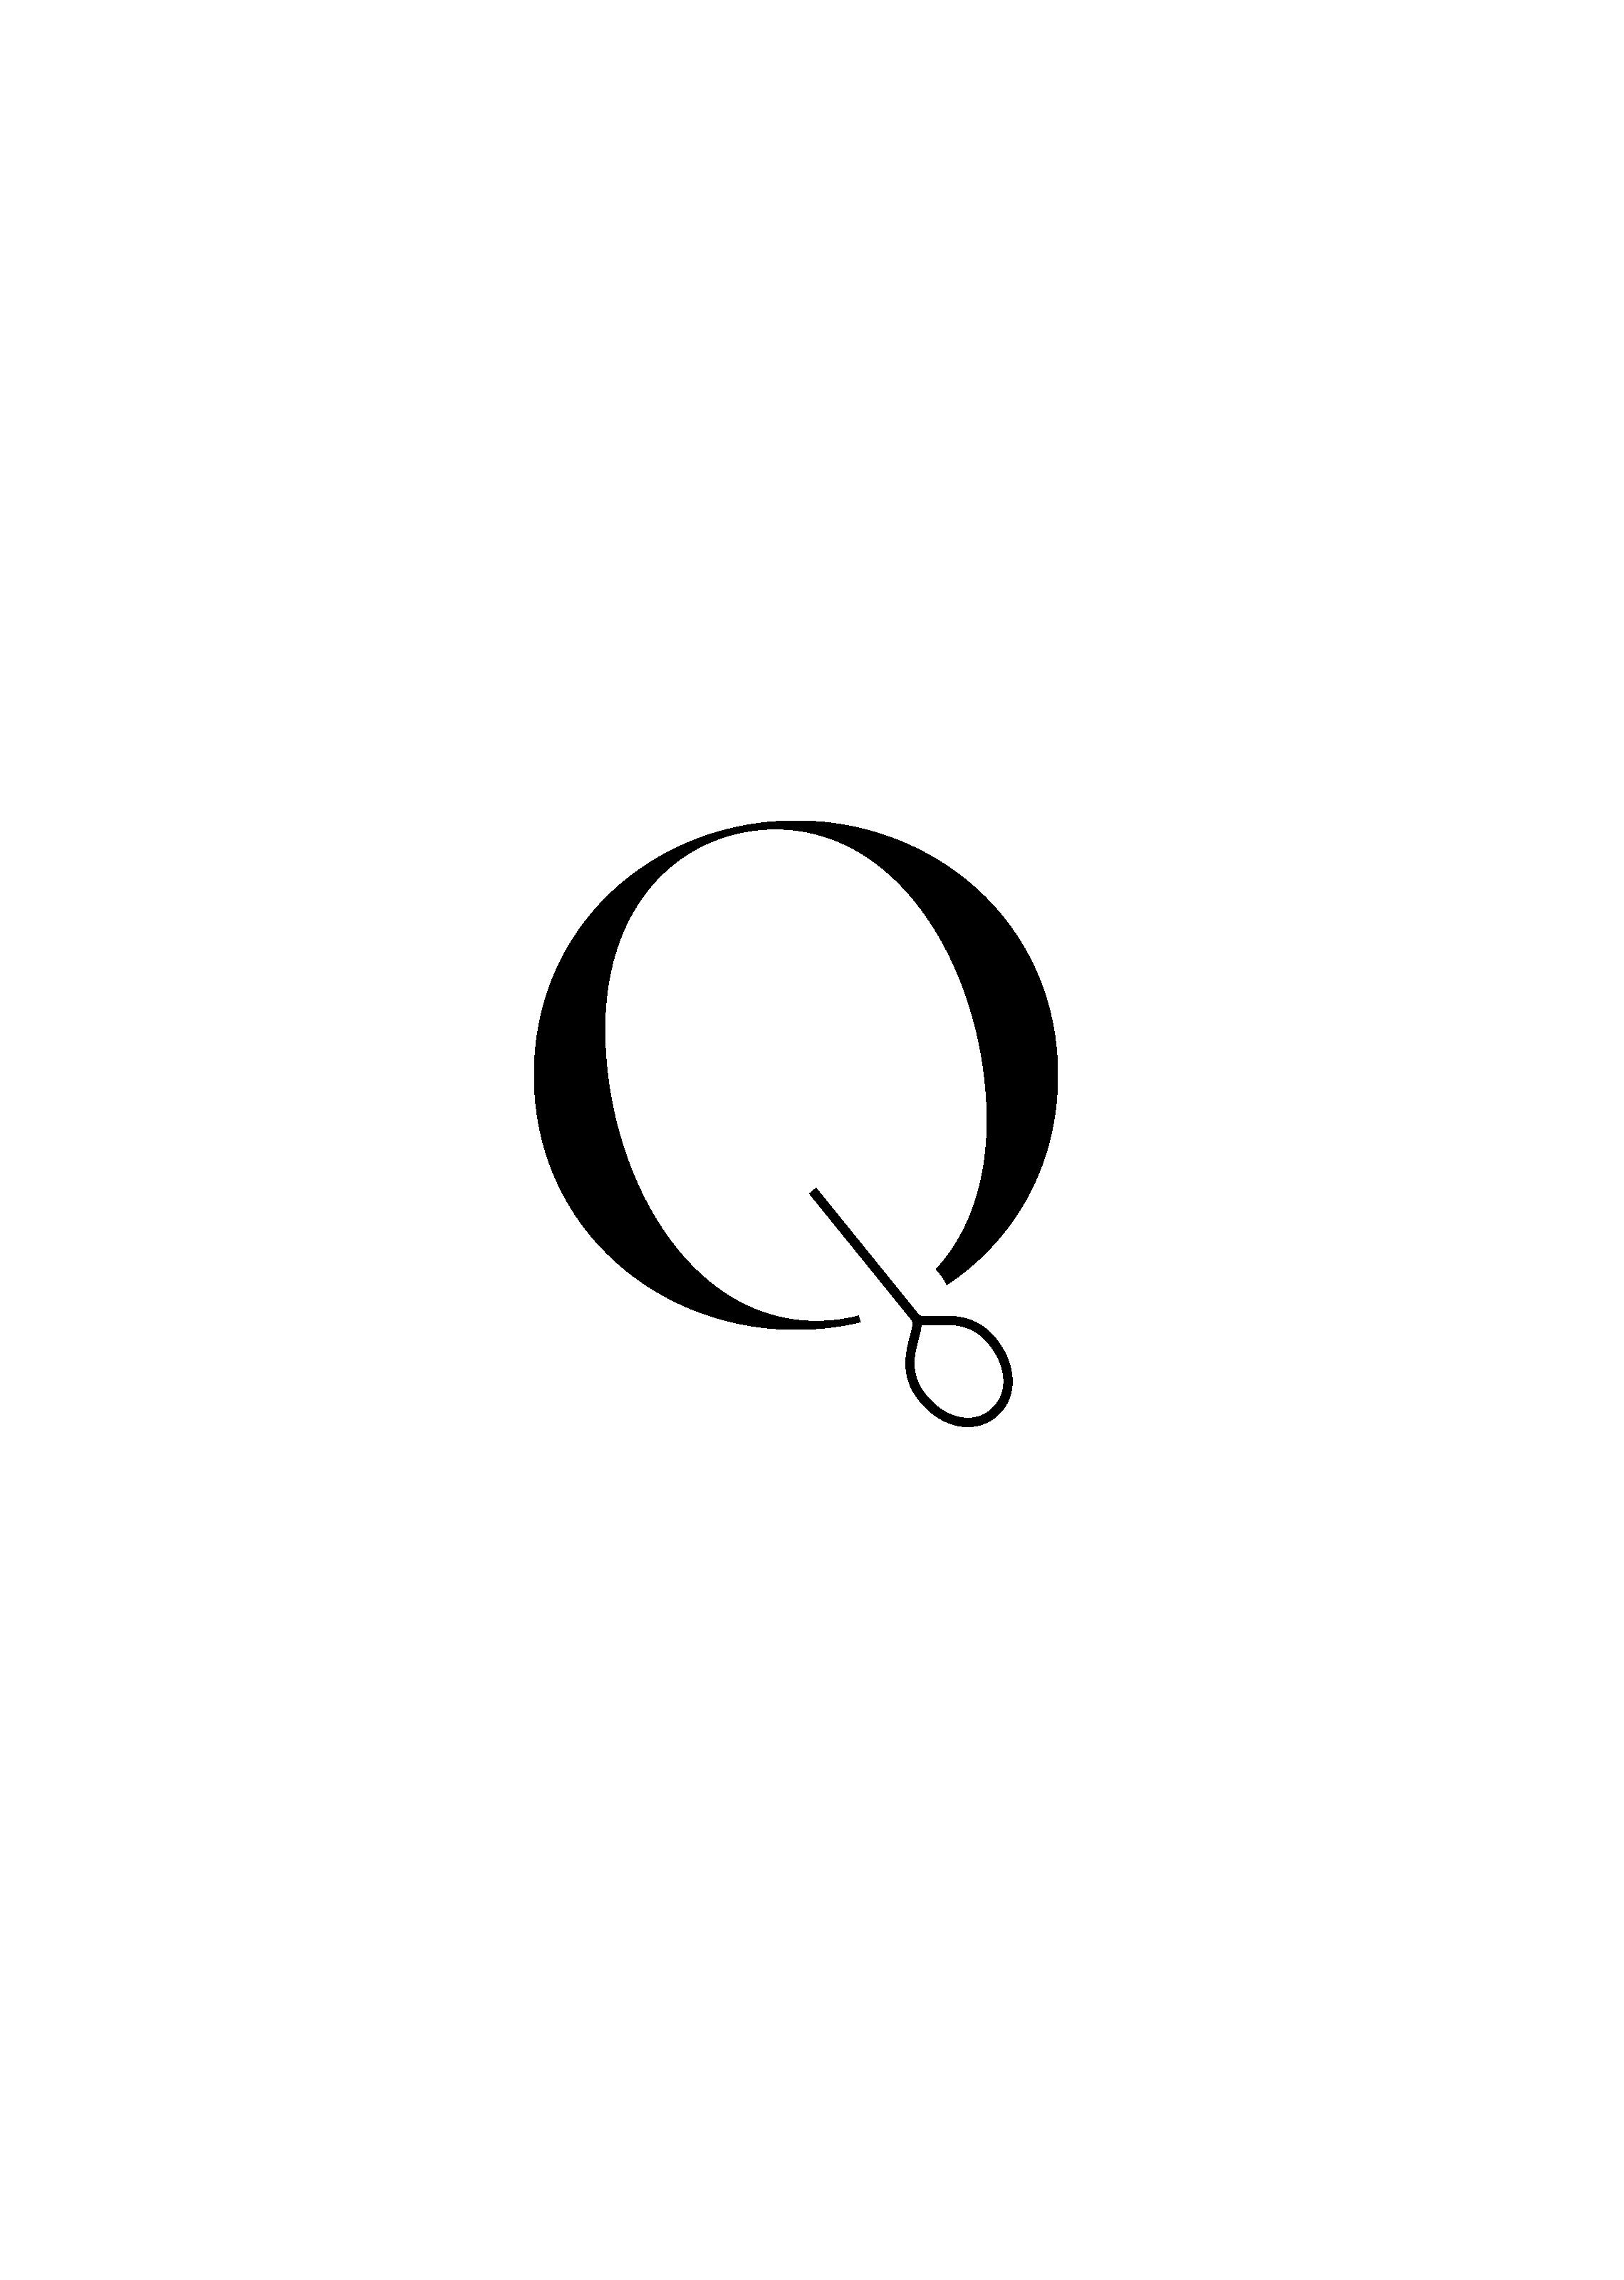 qolf_Q06